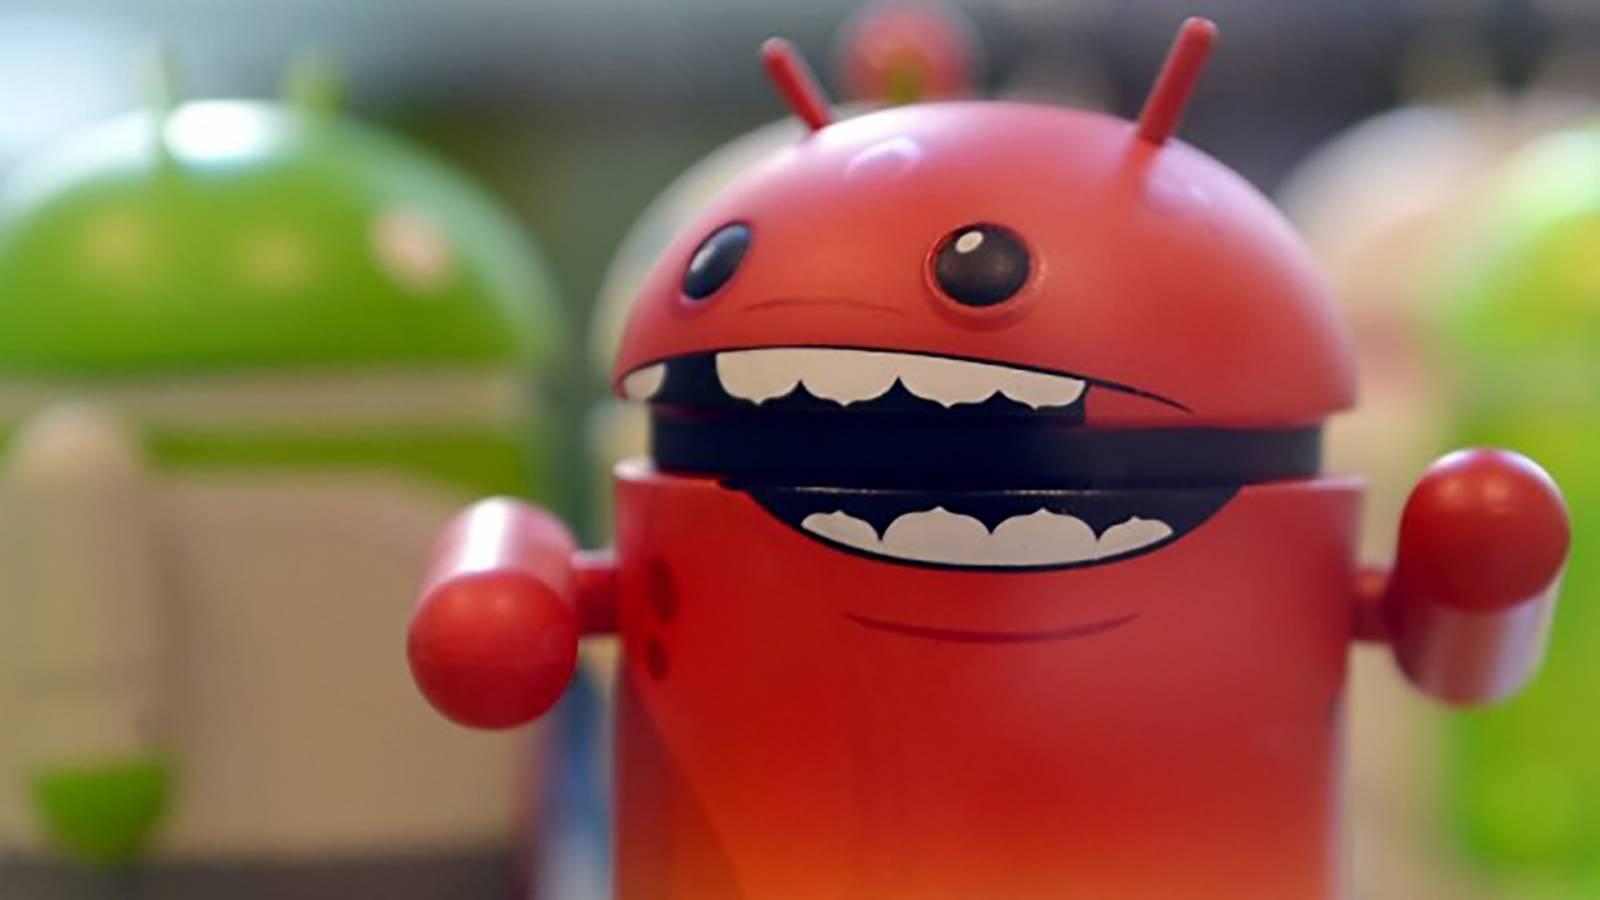 Android PROBLEMA INCREDIBIL de GRAVA Descoperita in Telefoane